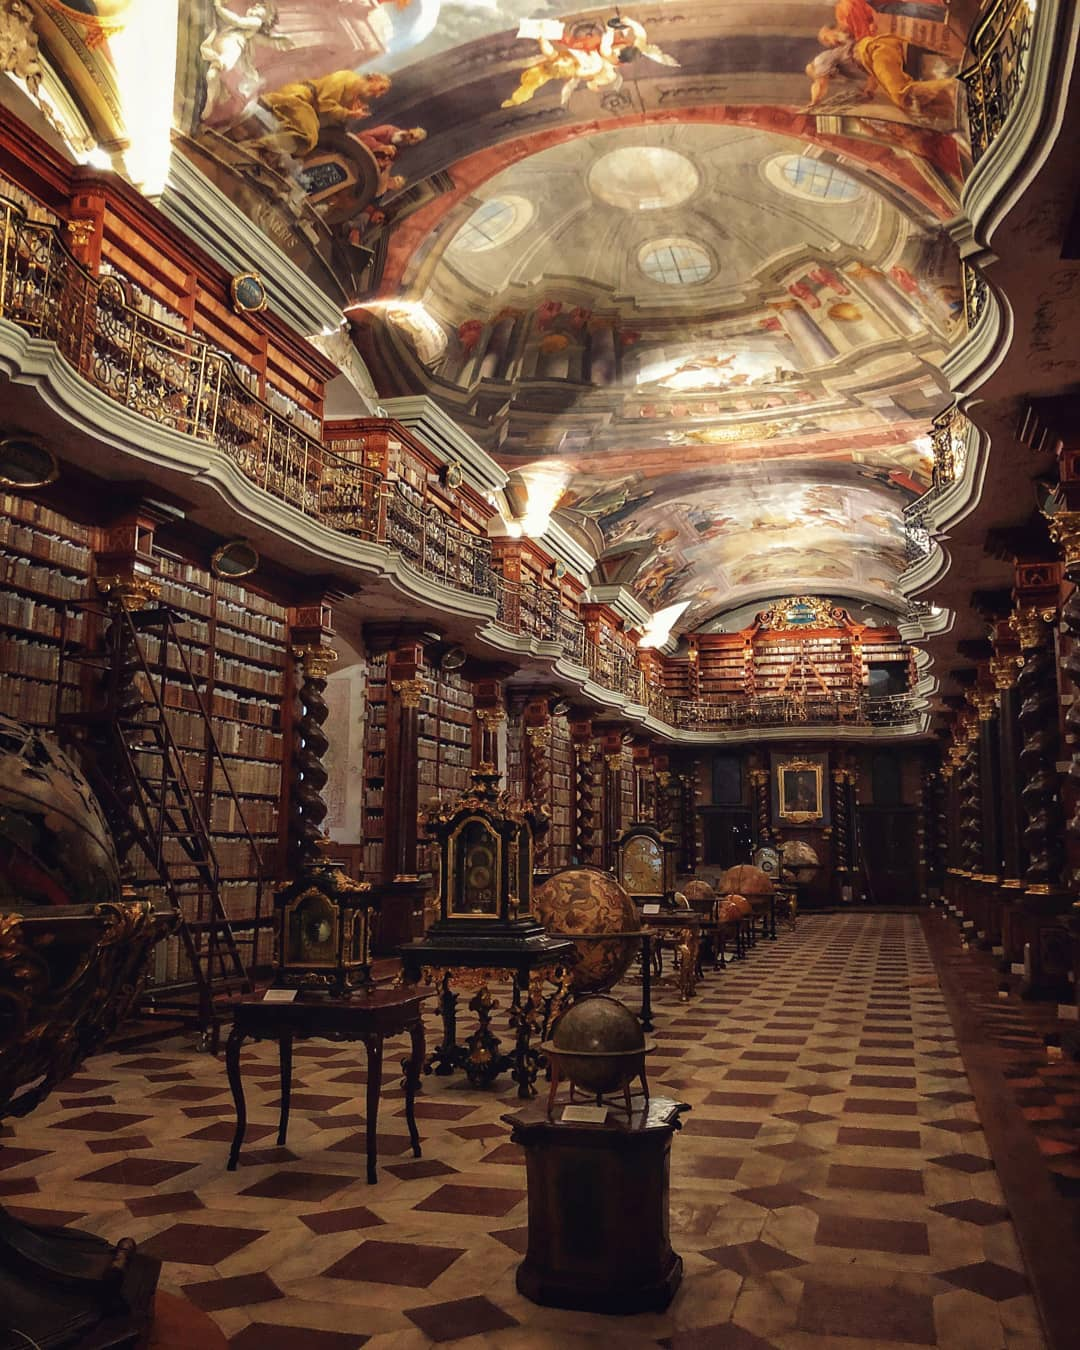 16間誤以為走進「霍格華茲」的世界最夢幻圖書館 曼徹斯特的根本是禁書收藏地!